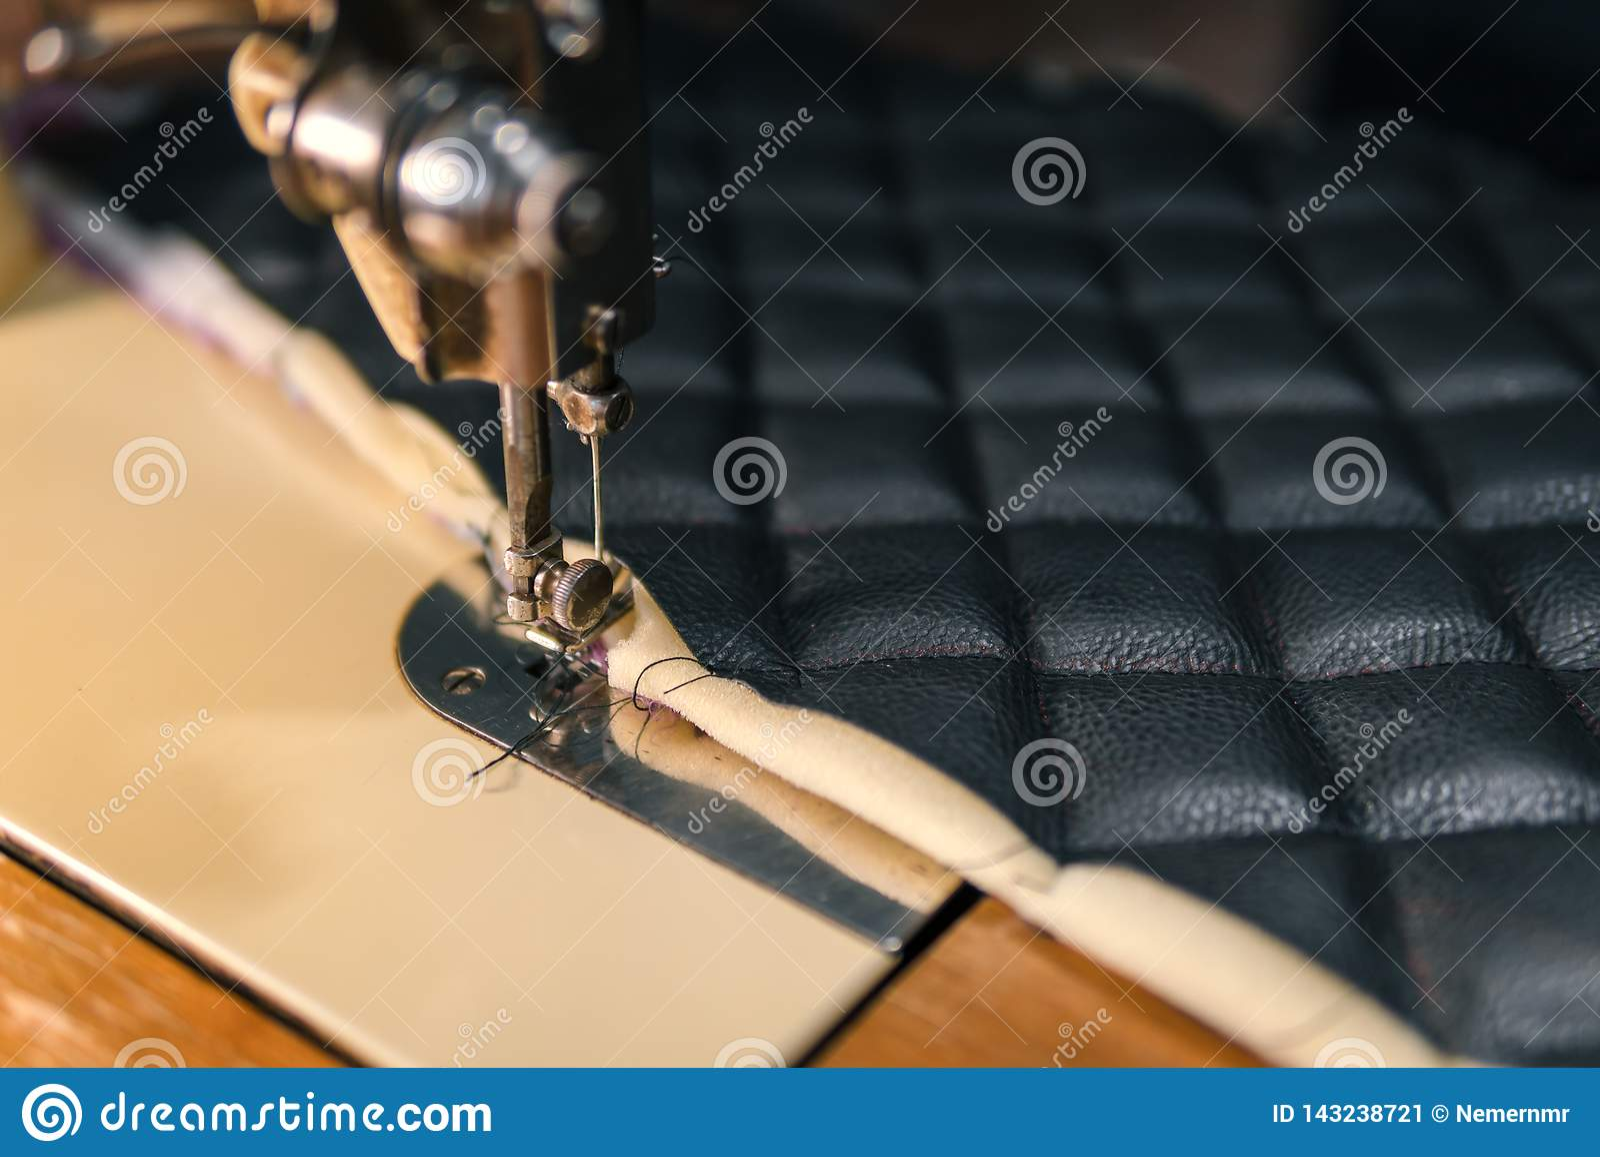 De toebehoren van het leerproducten van de draadschaar en hulpmiddelen, concept traditionele het naaien hoogste mening